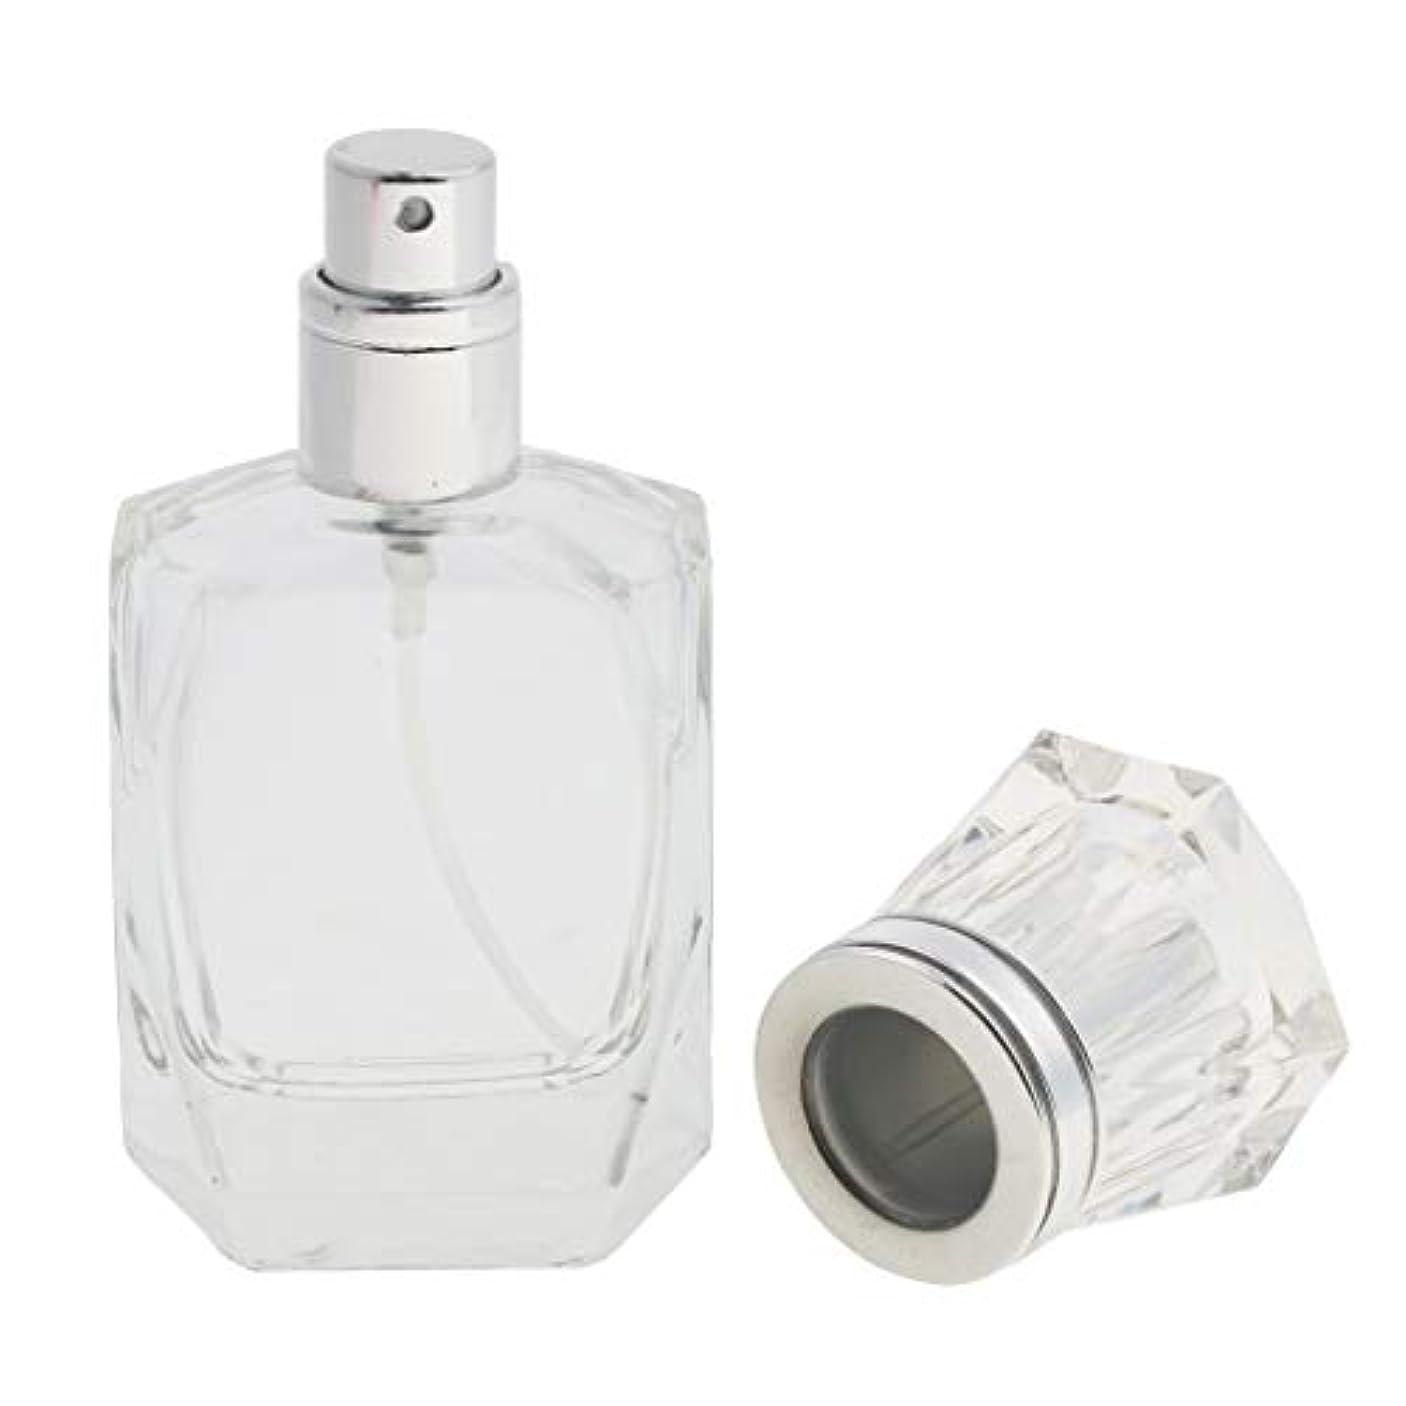 おいしい回転する教育学CUTICATE 香水ボトル 化粧ボトル ガラス ミストボトル 30ml クリア 旅行小物